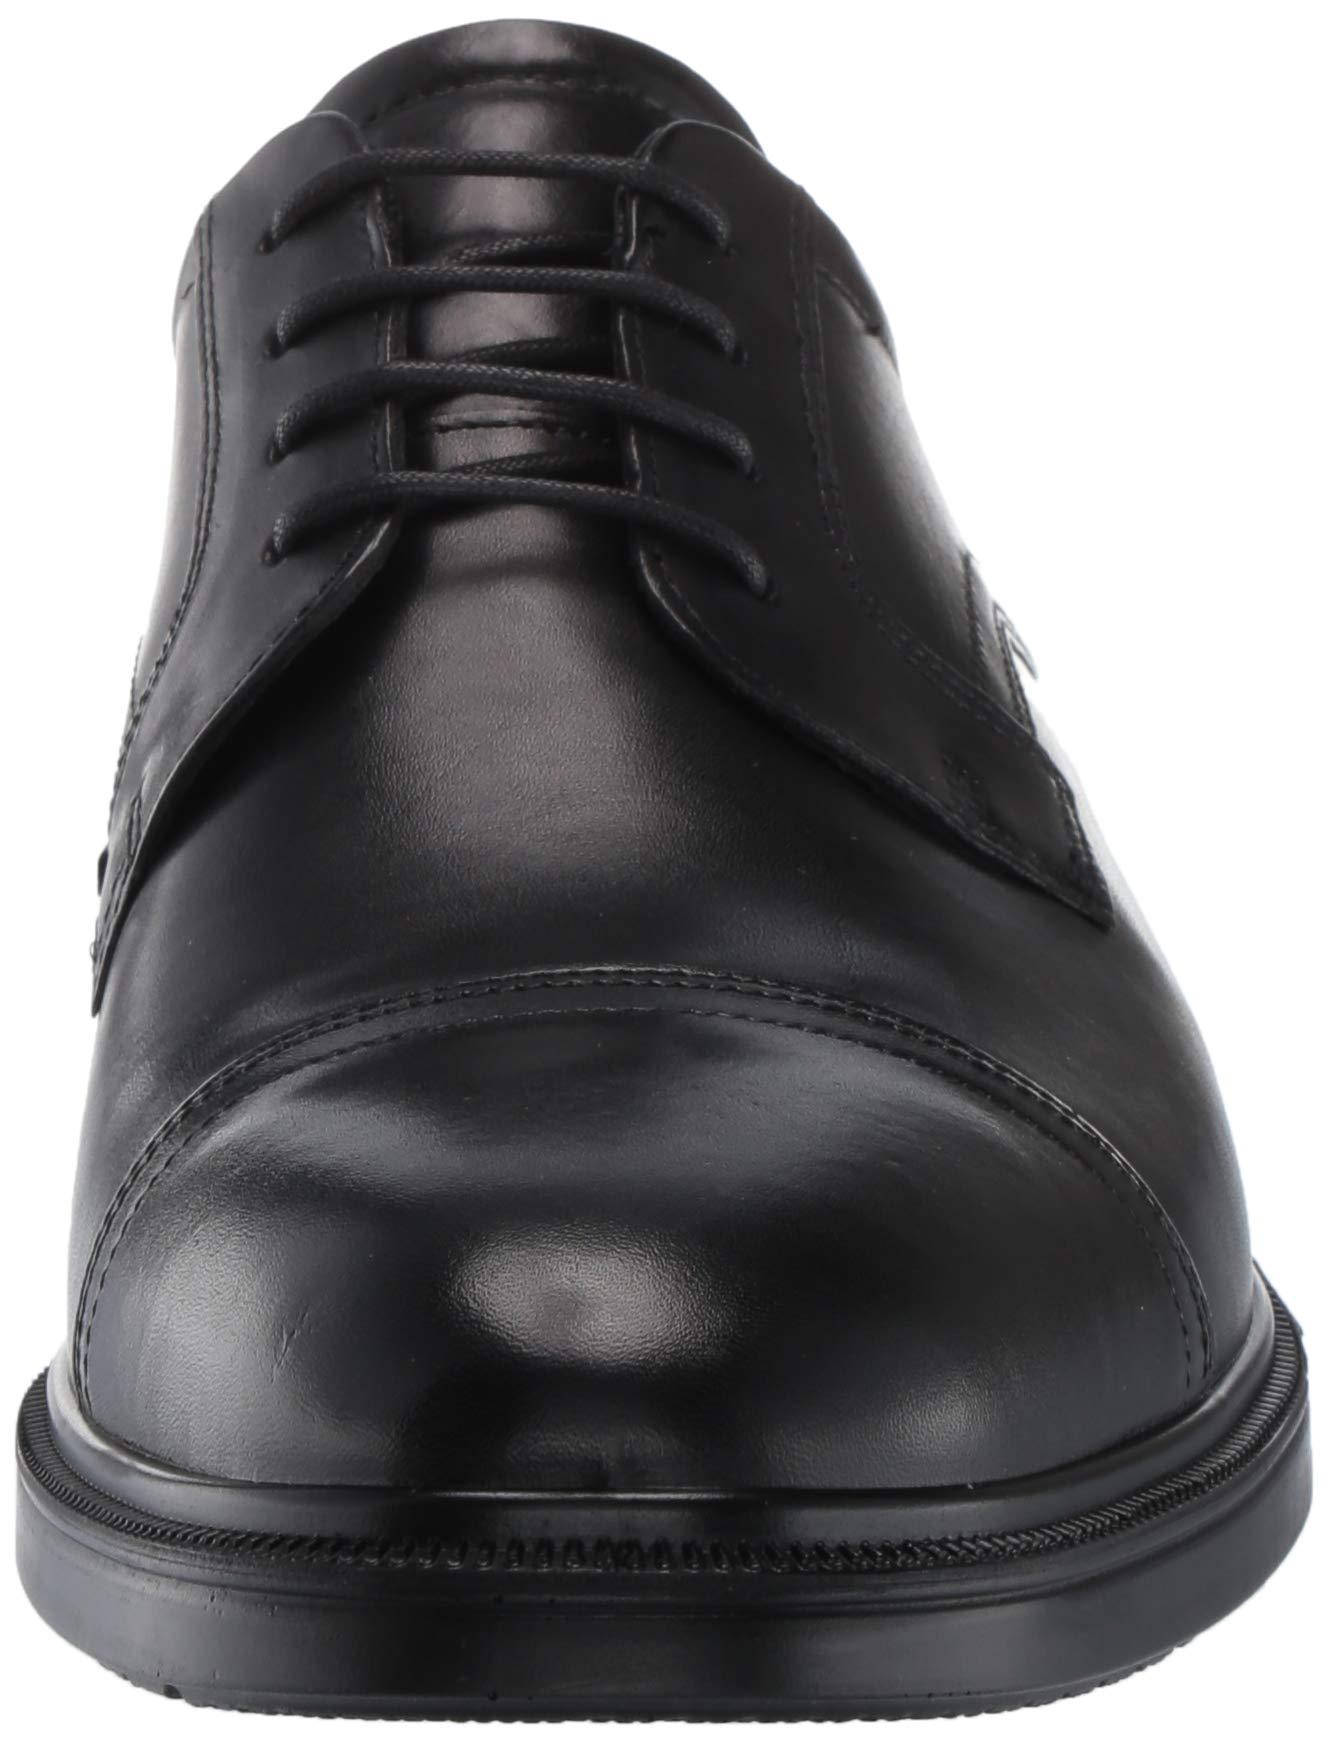 ECCO Men's Lisbon Cap Toe Tie Oxford, Black, 48 EU/14-14.5 M US by ECCO (Image #4)